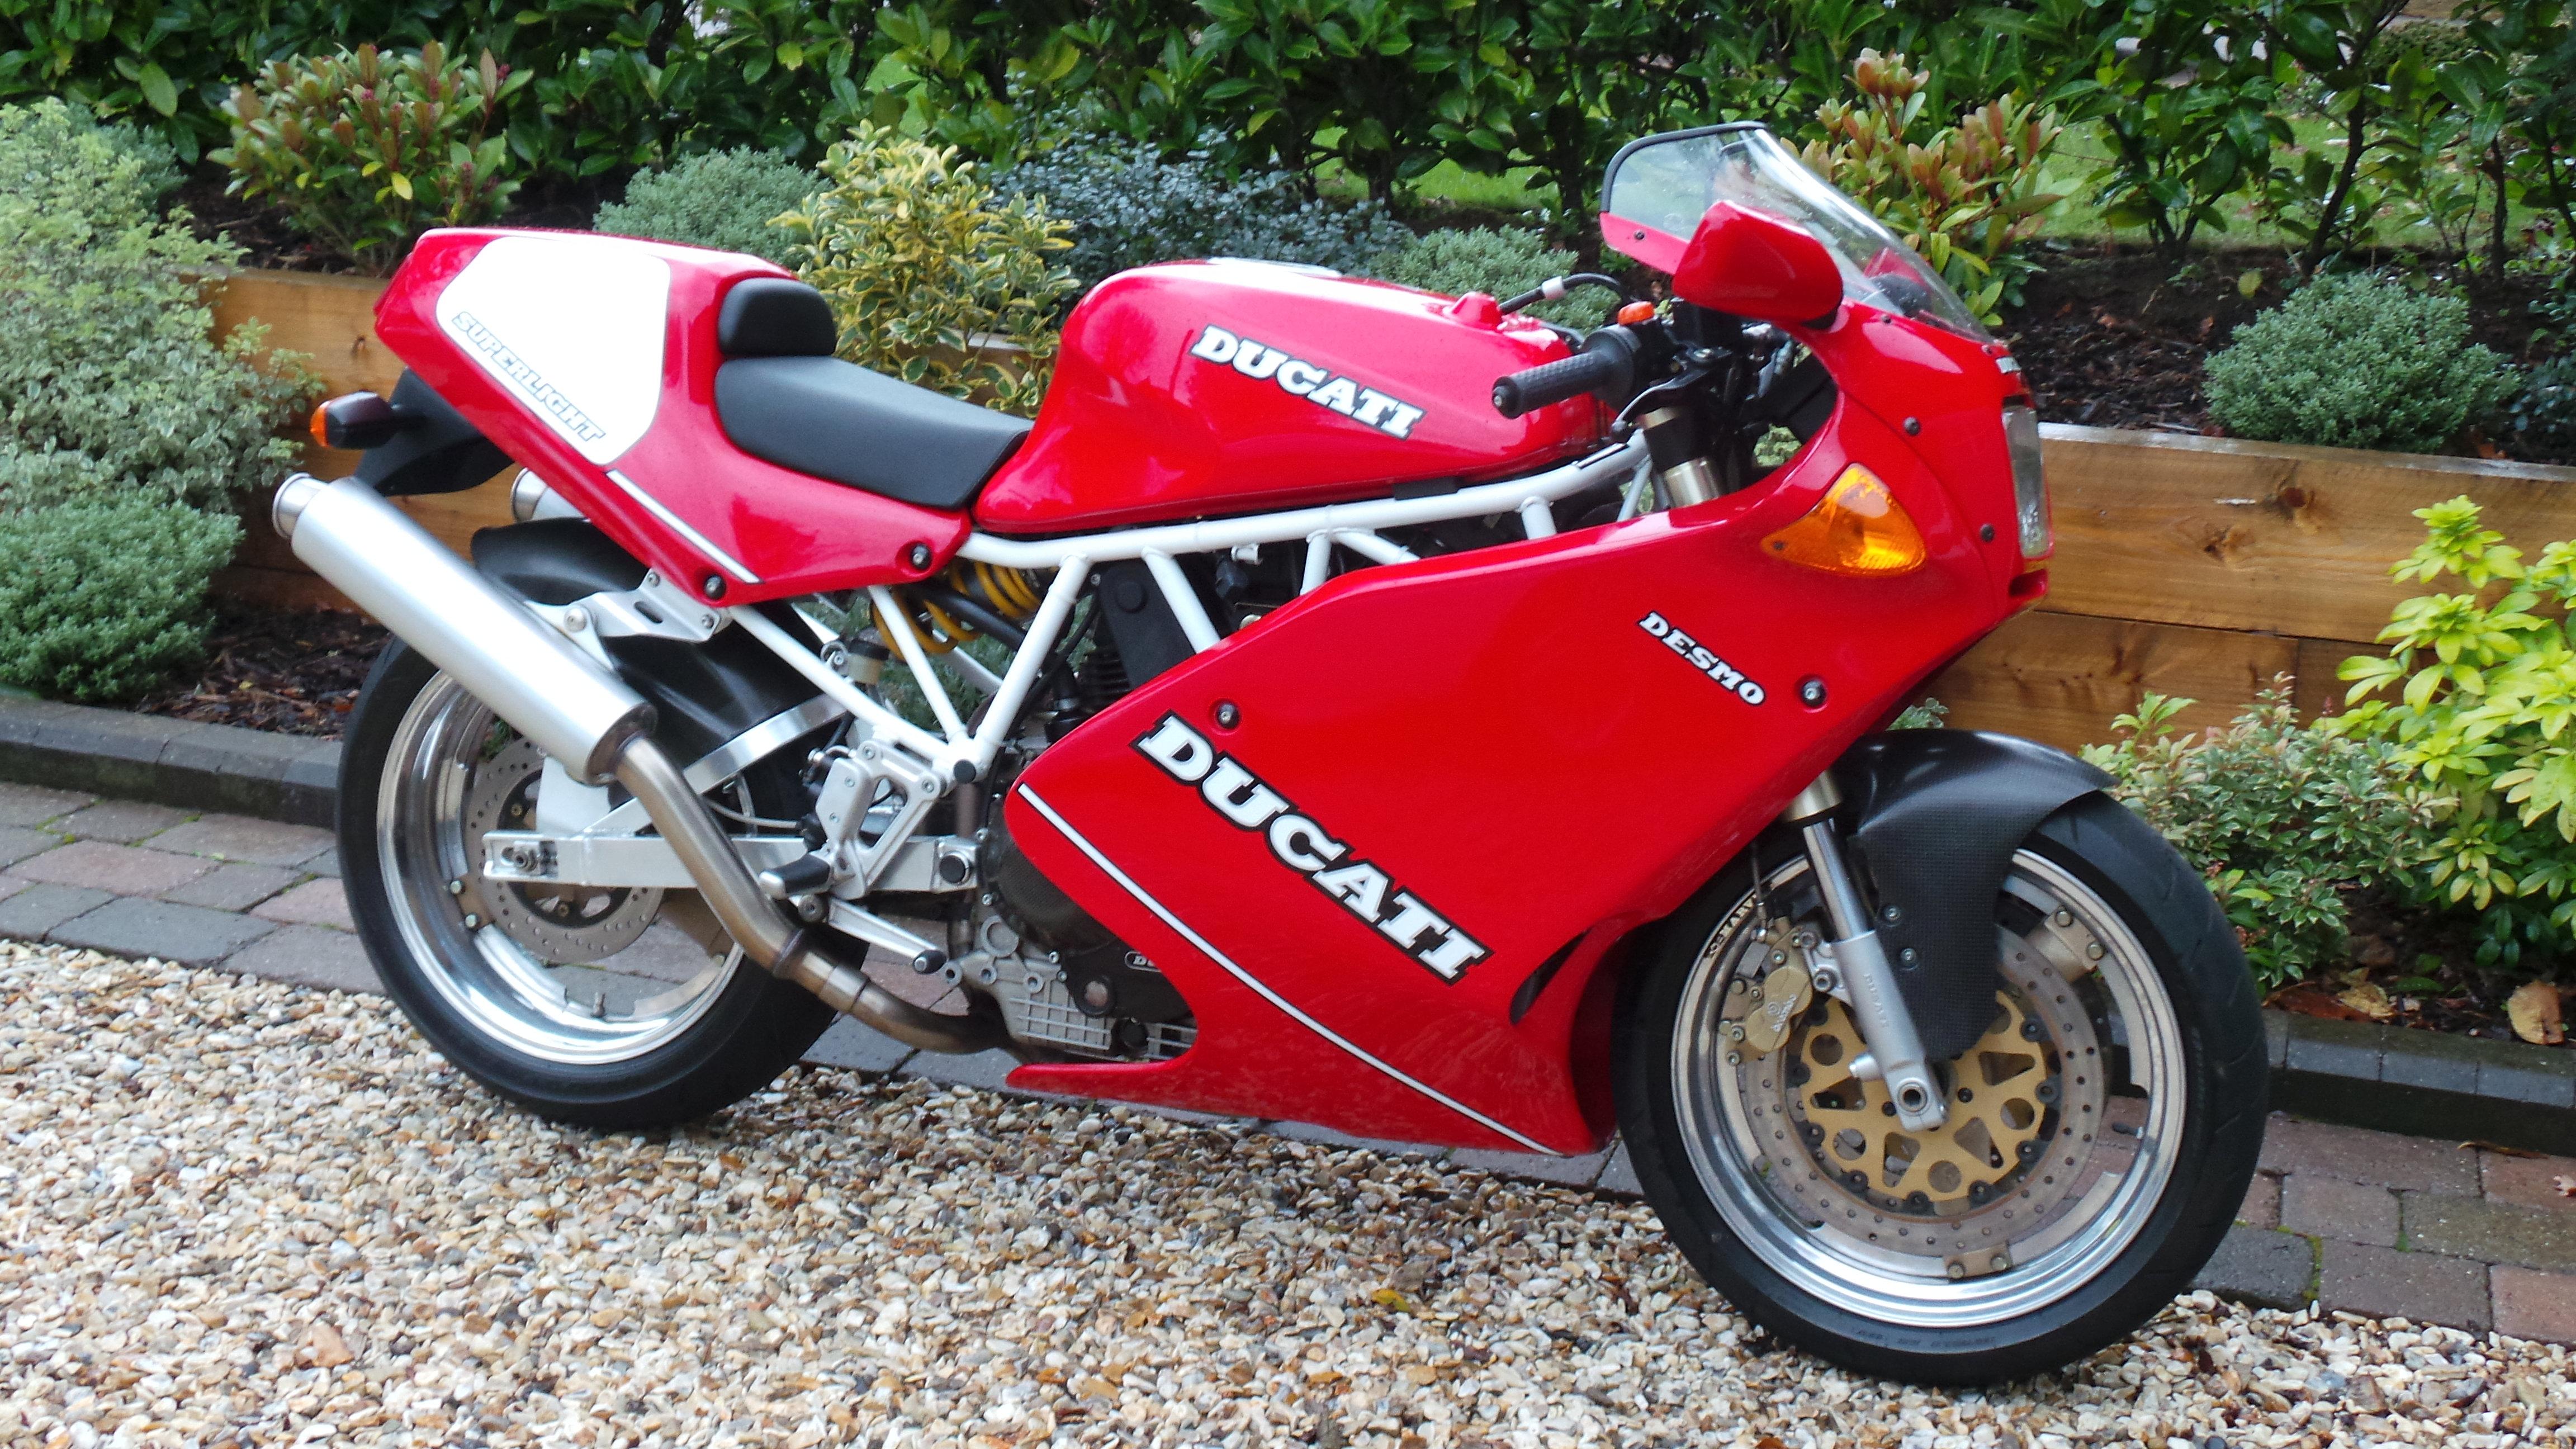 Ducati Sl